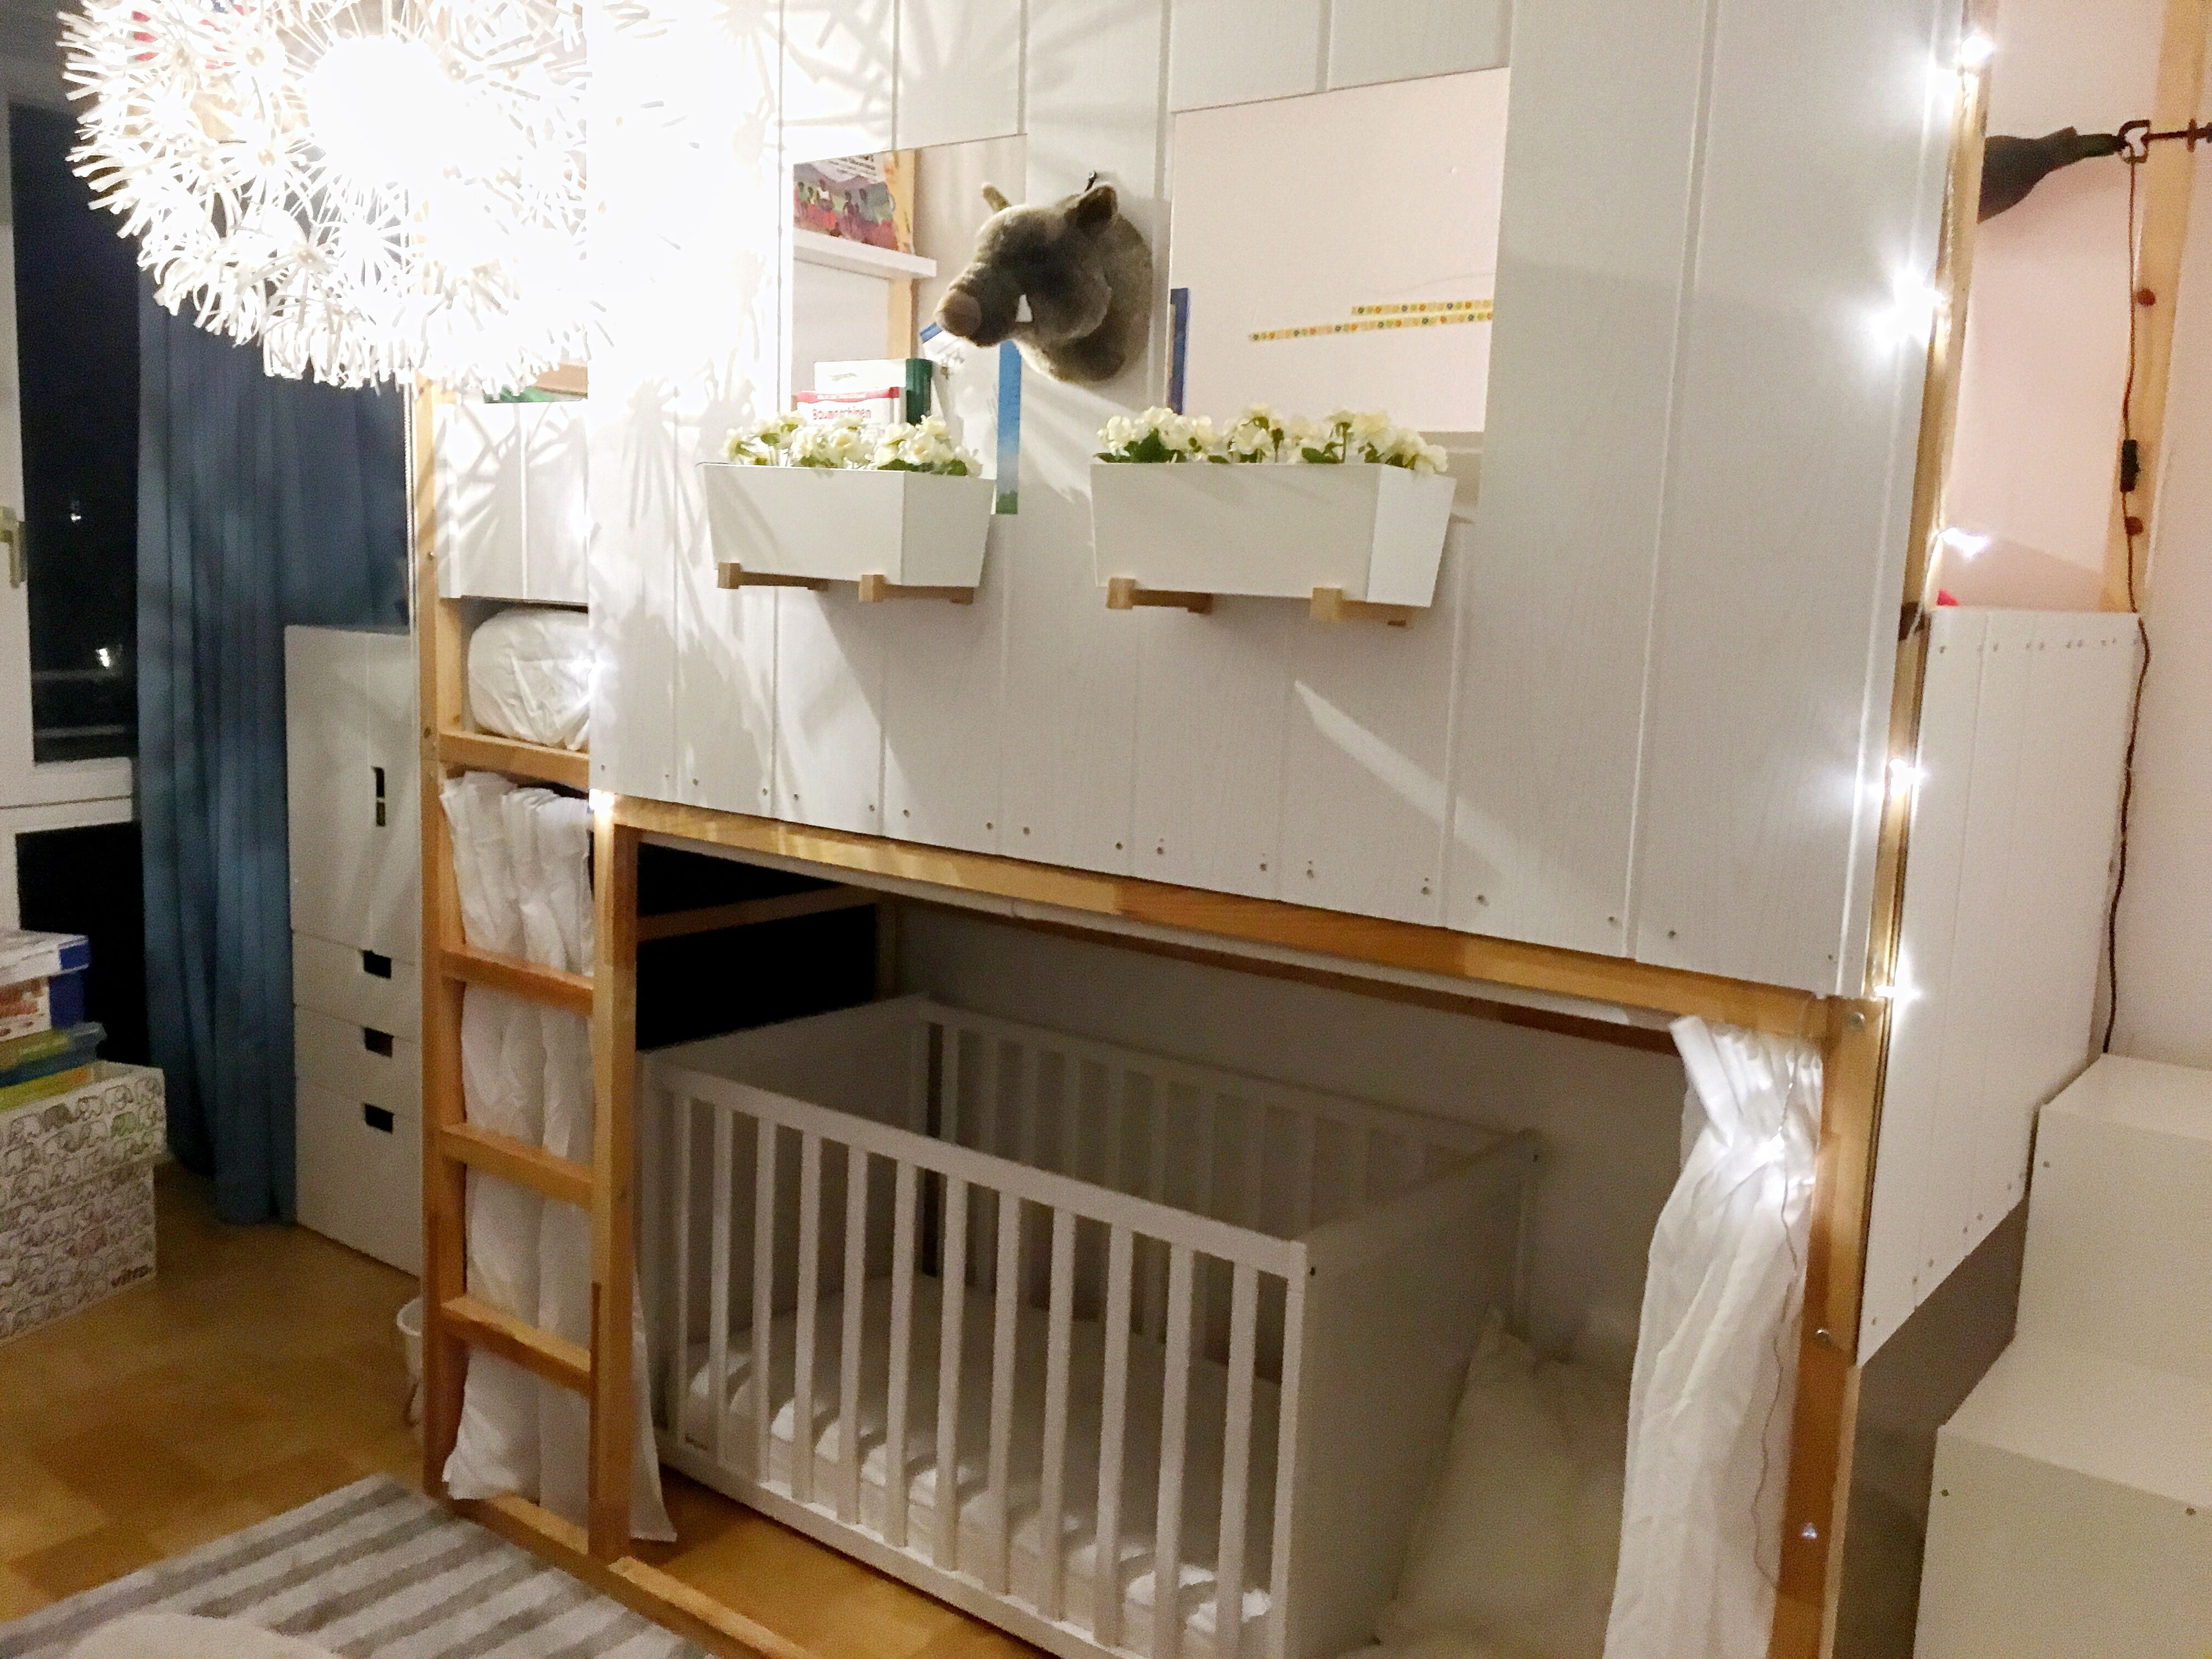 93 Crib Under Loft Bed